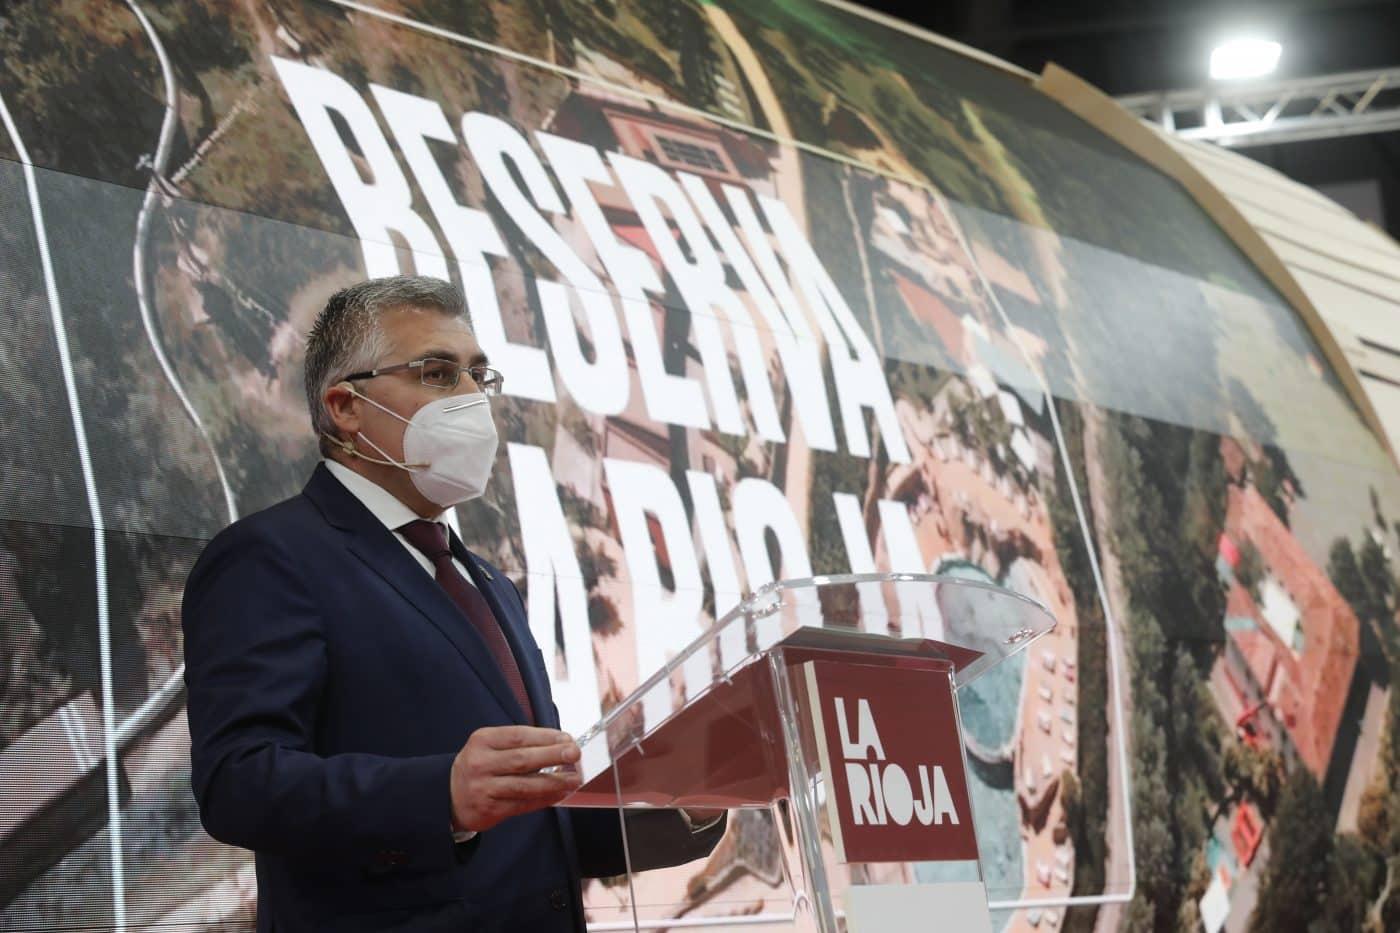 """La Rioja se exhibe en Fitur 2021 como """"destino turístico seguro"""" 6"""